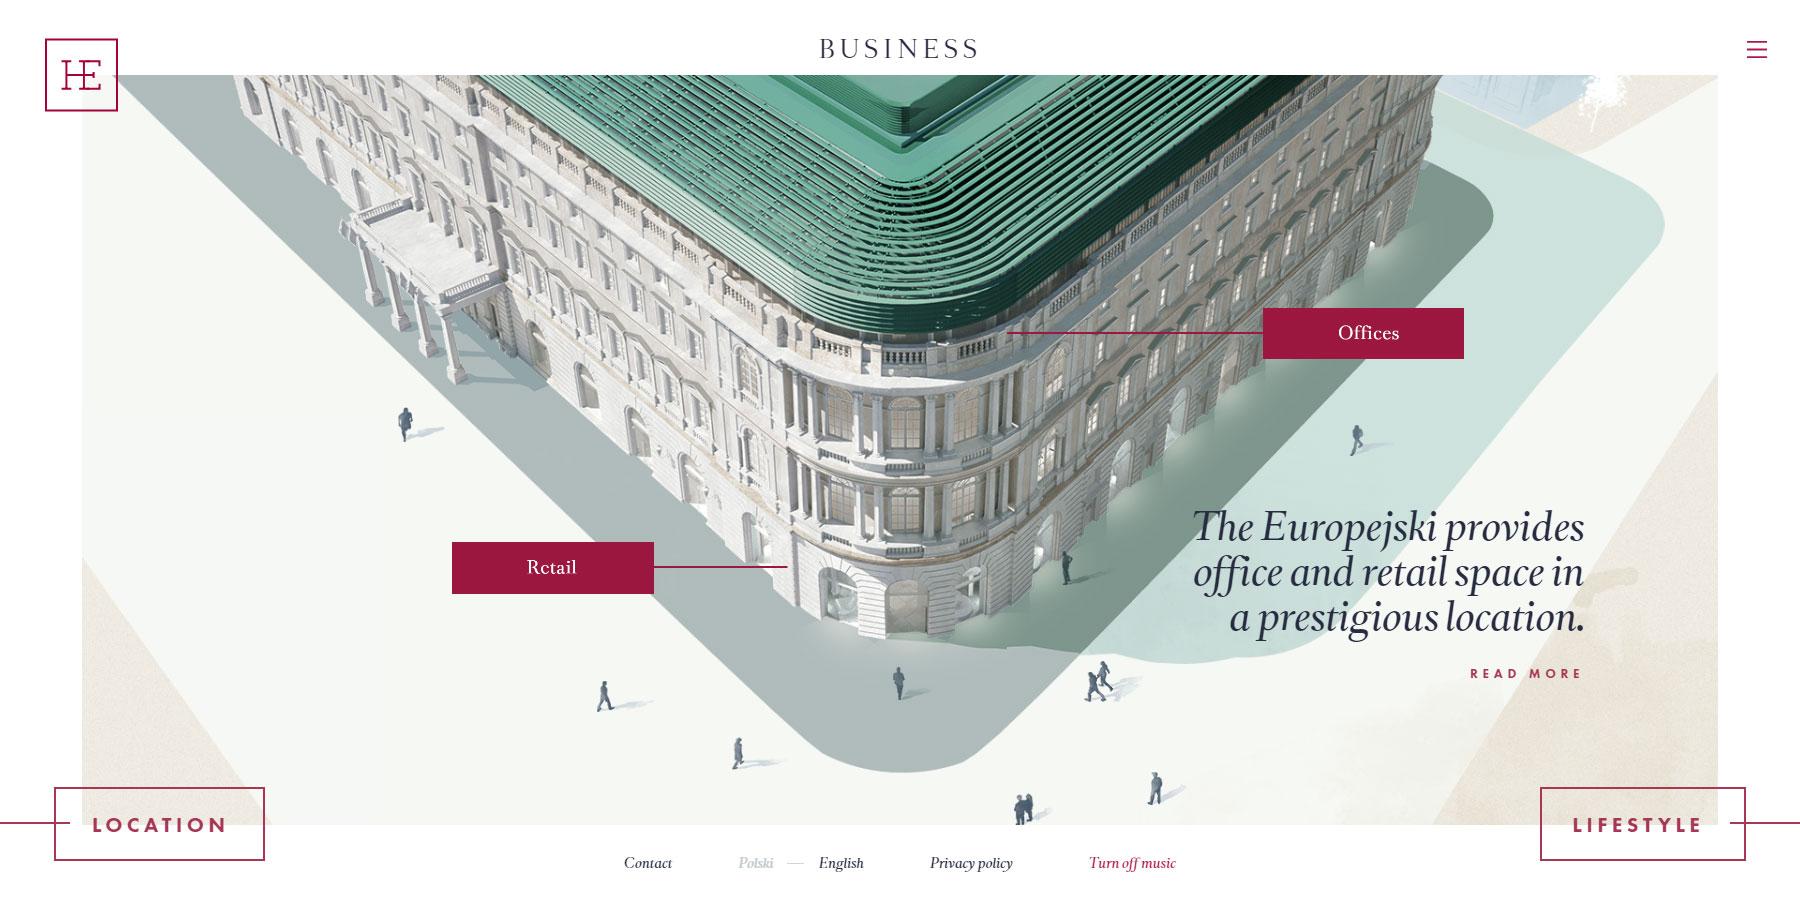 The Europejski - Website of the Month